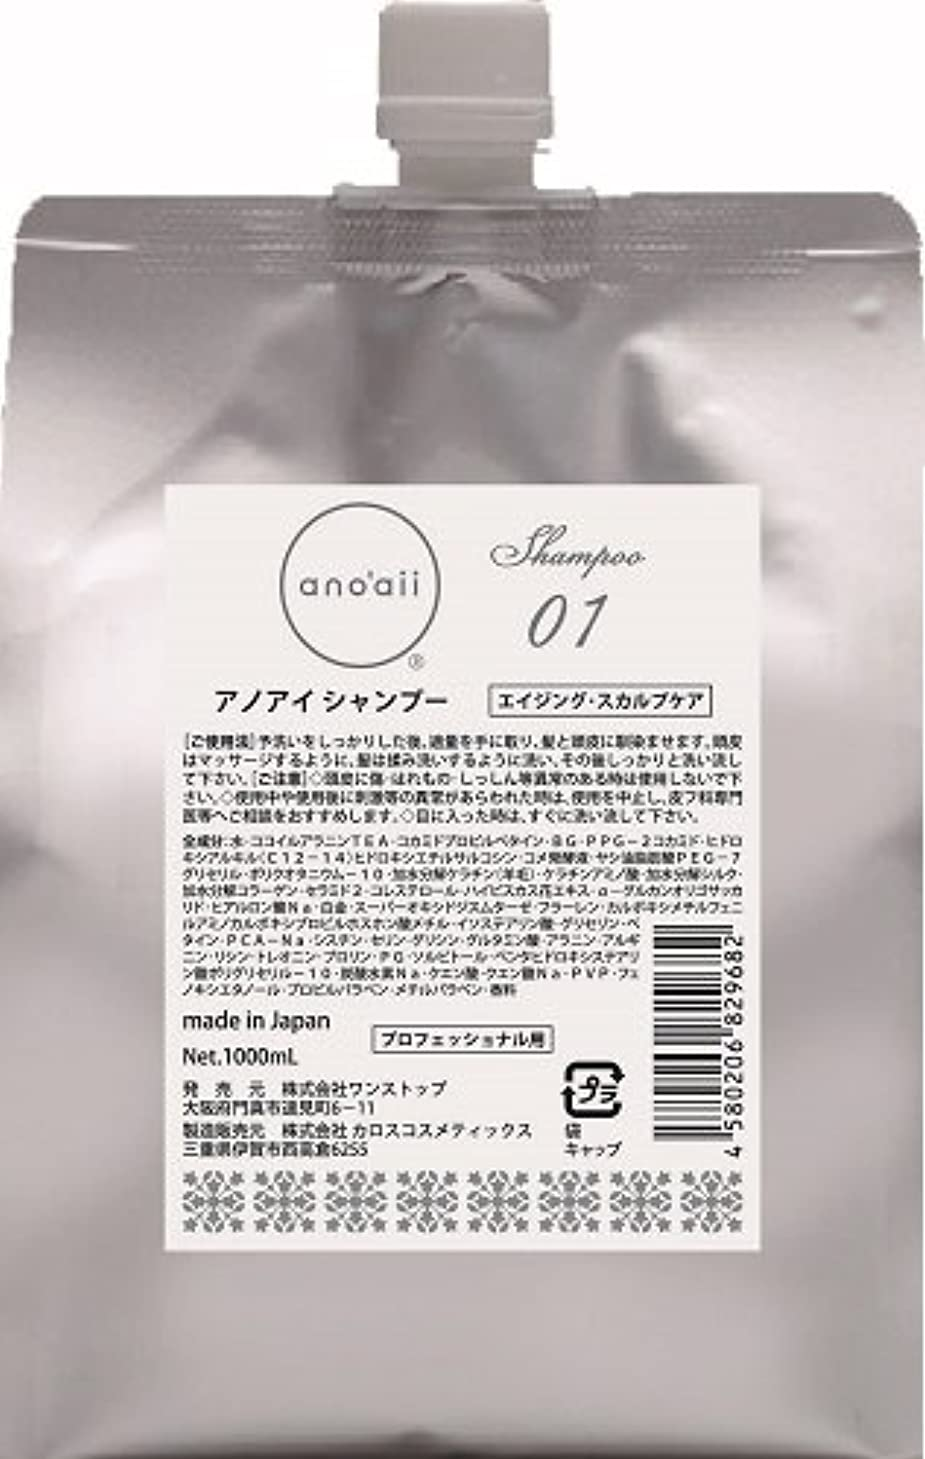 コモランマ石鹸政治anoaii (アノアイ) エイジングスカルプシャンプー 1000ml レフィル